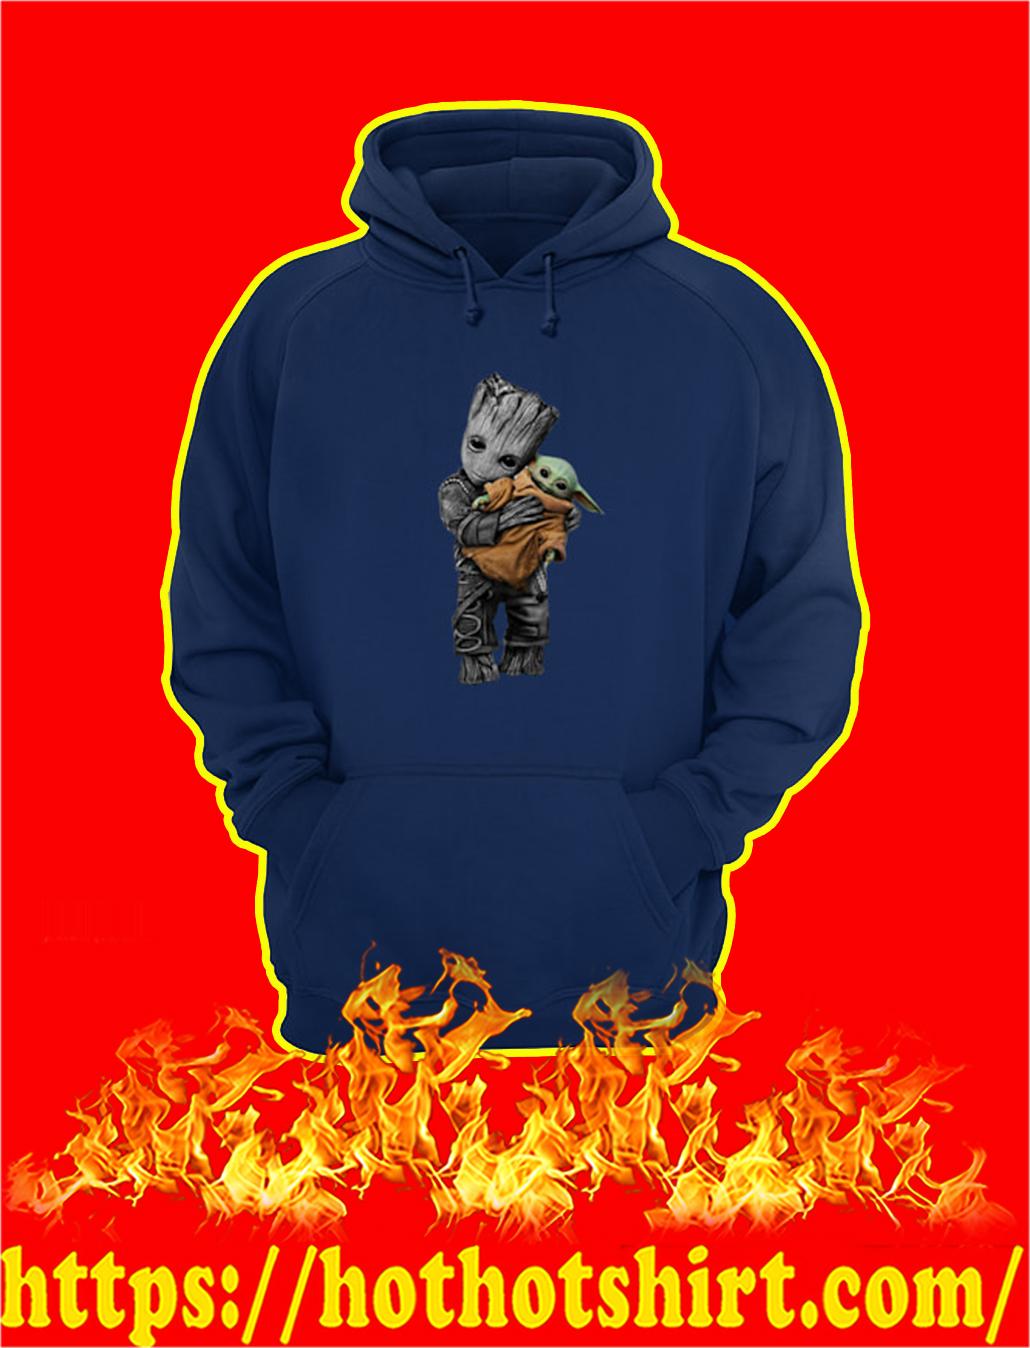 Groot Hug Baby Yoda hoodie